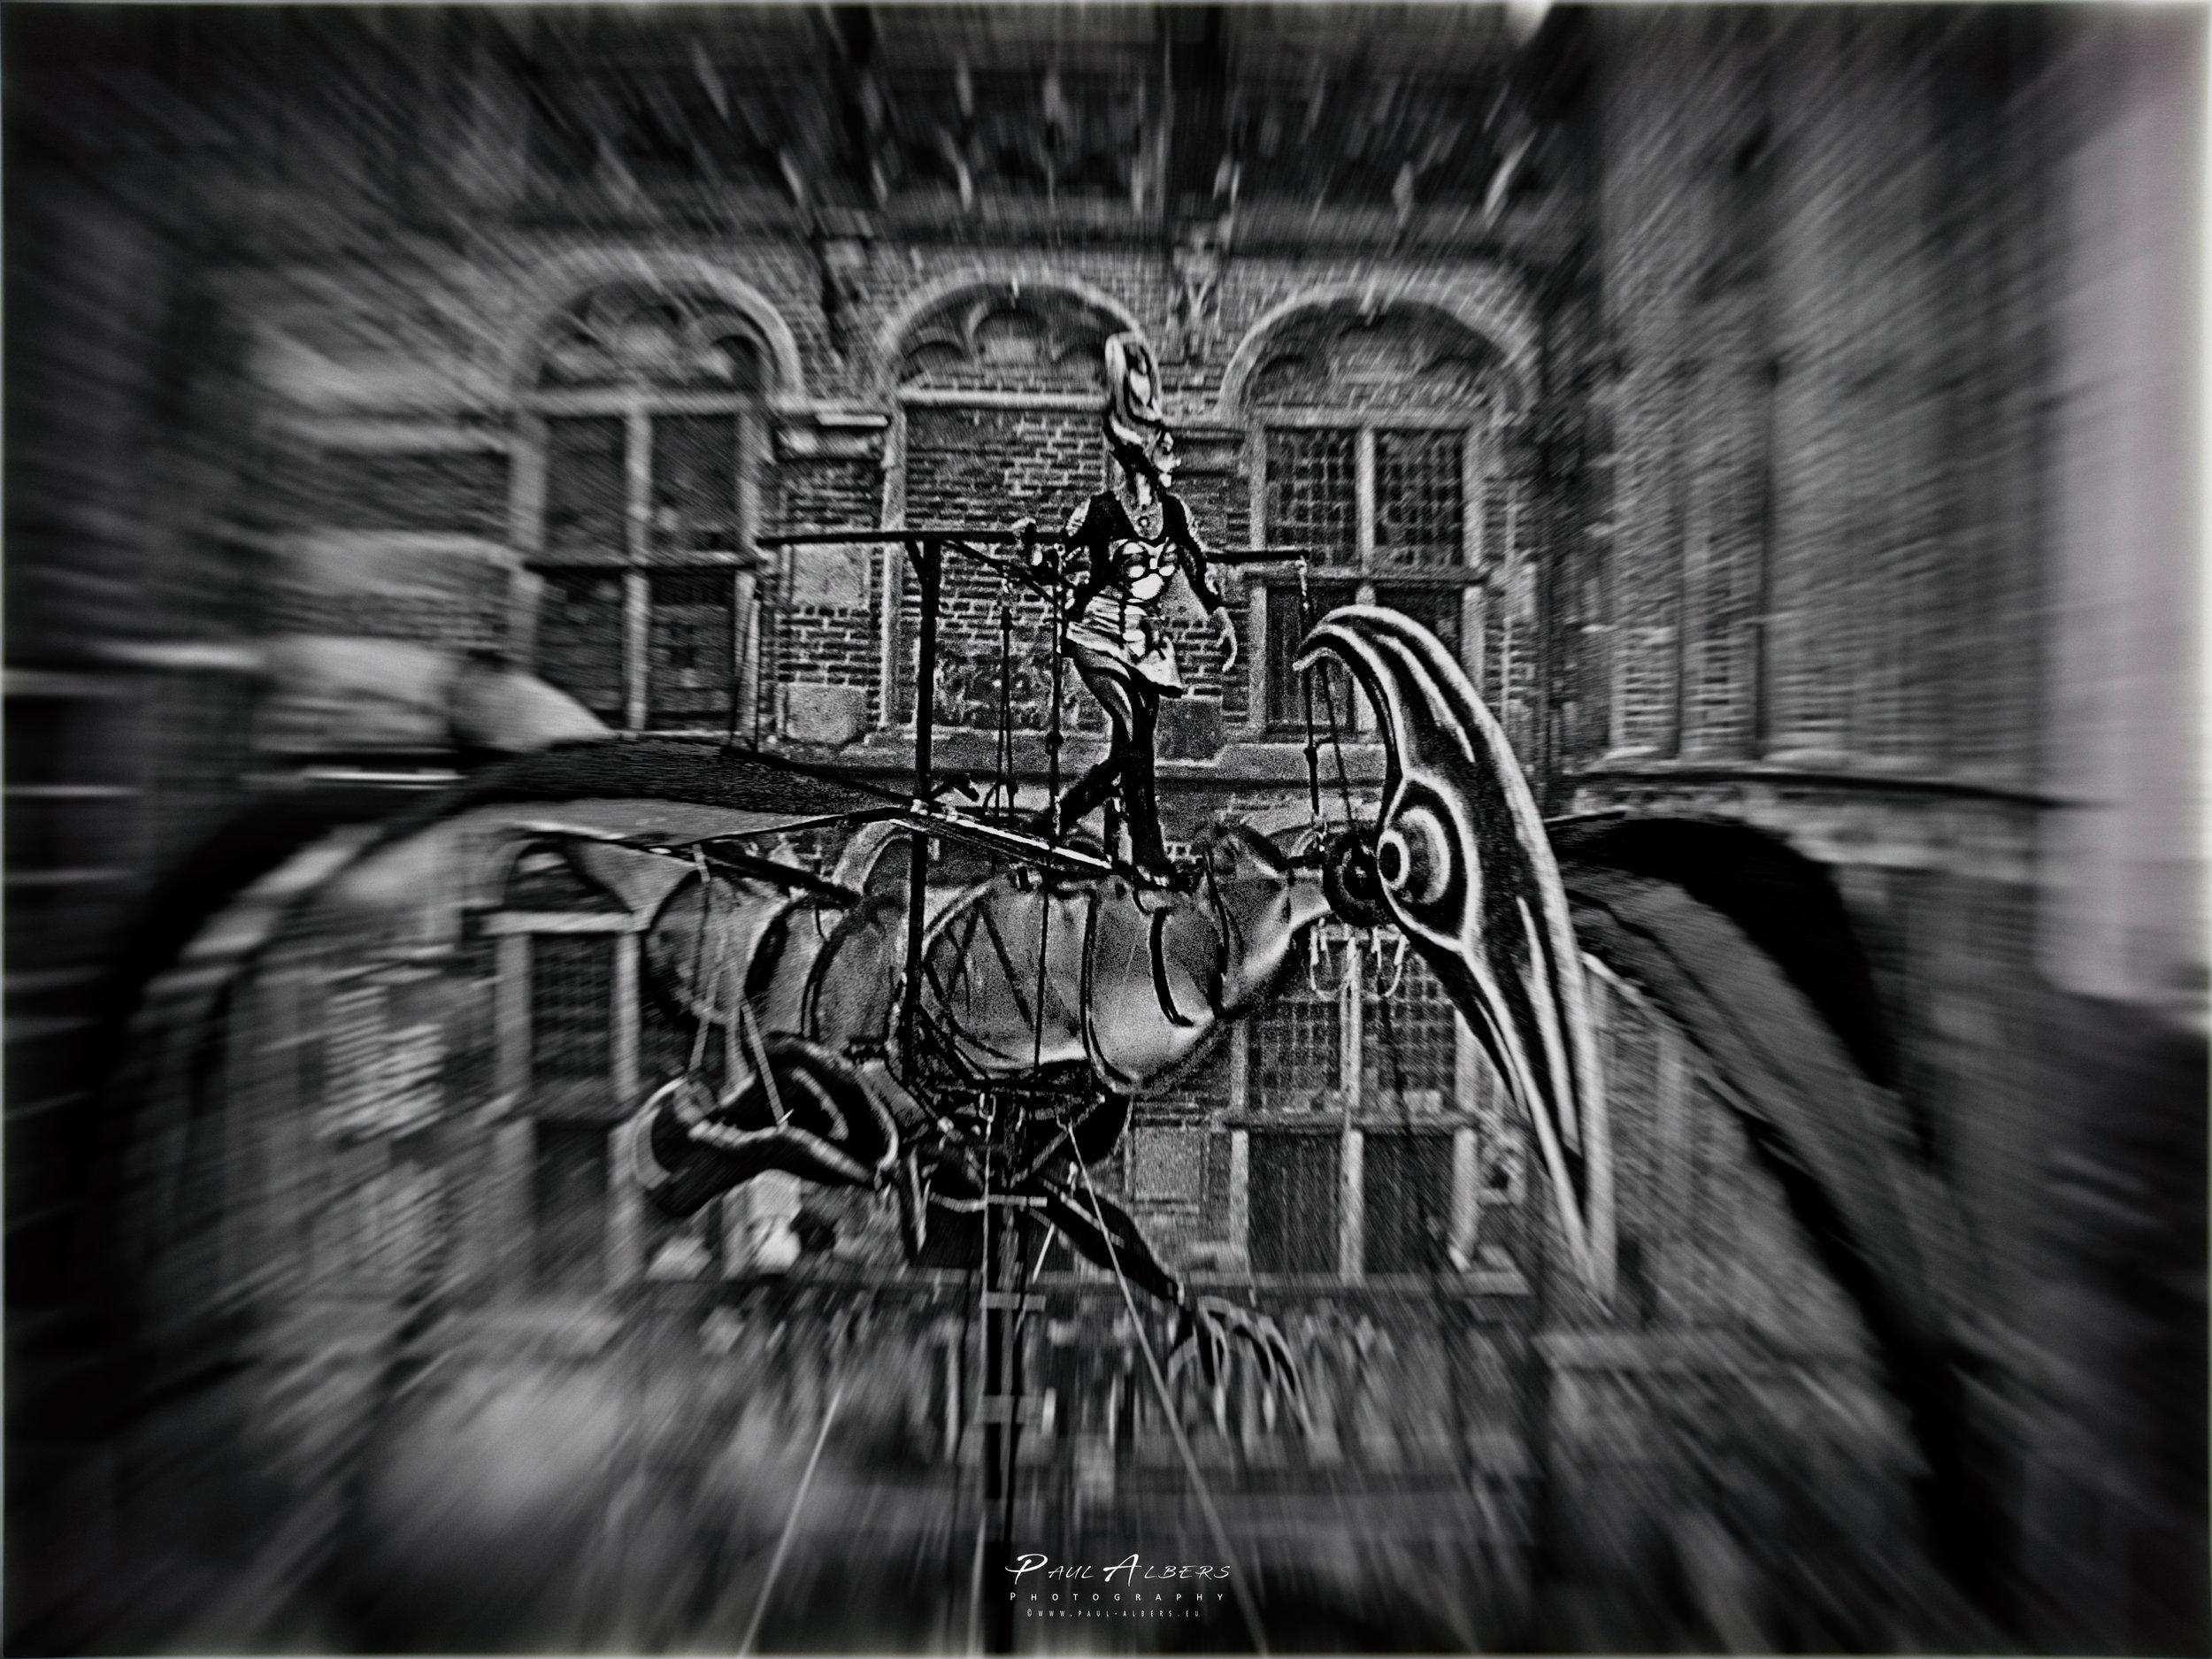 Paul-Albers-5x7-157.jpg